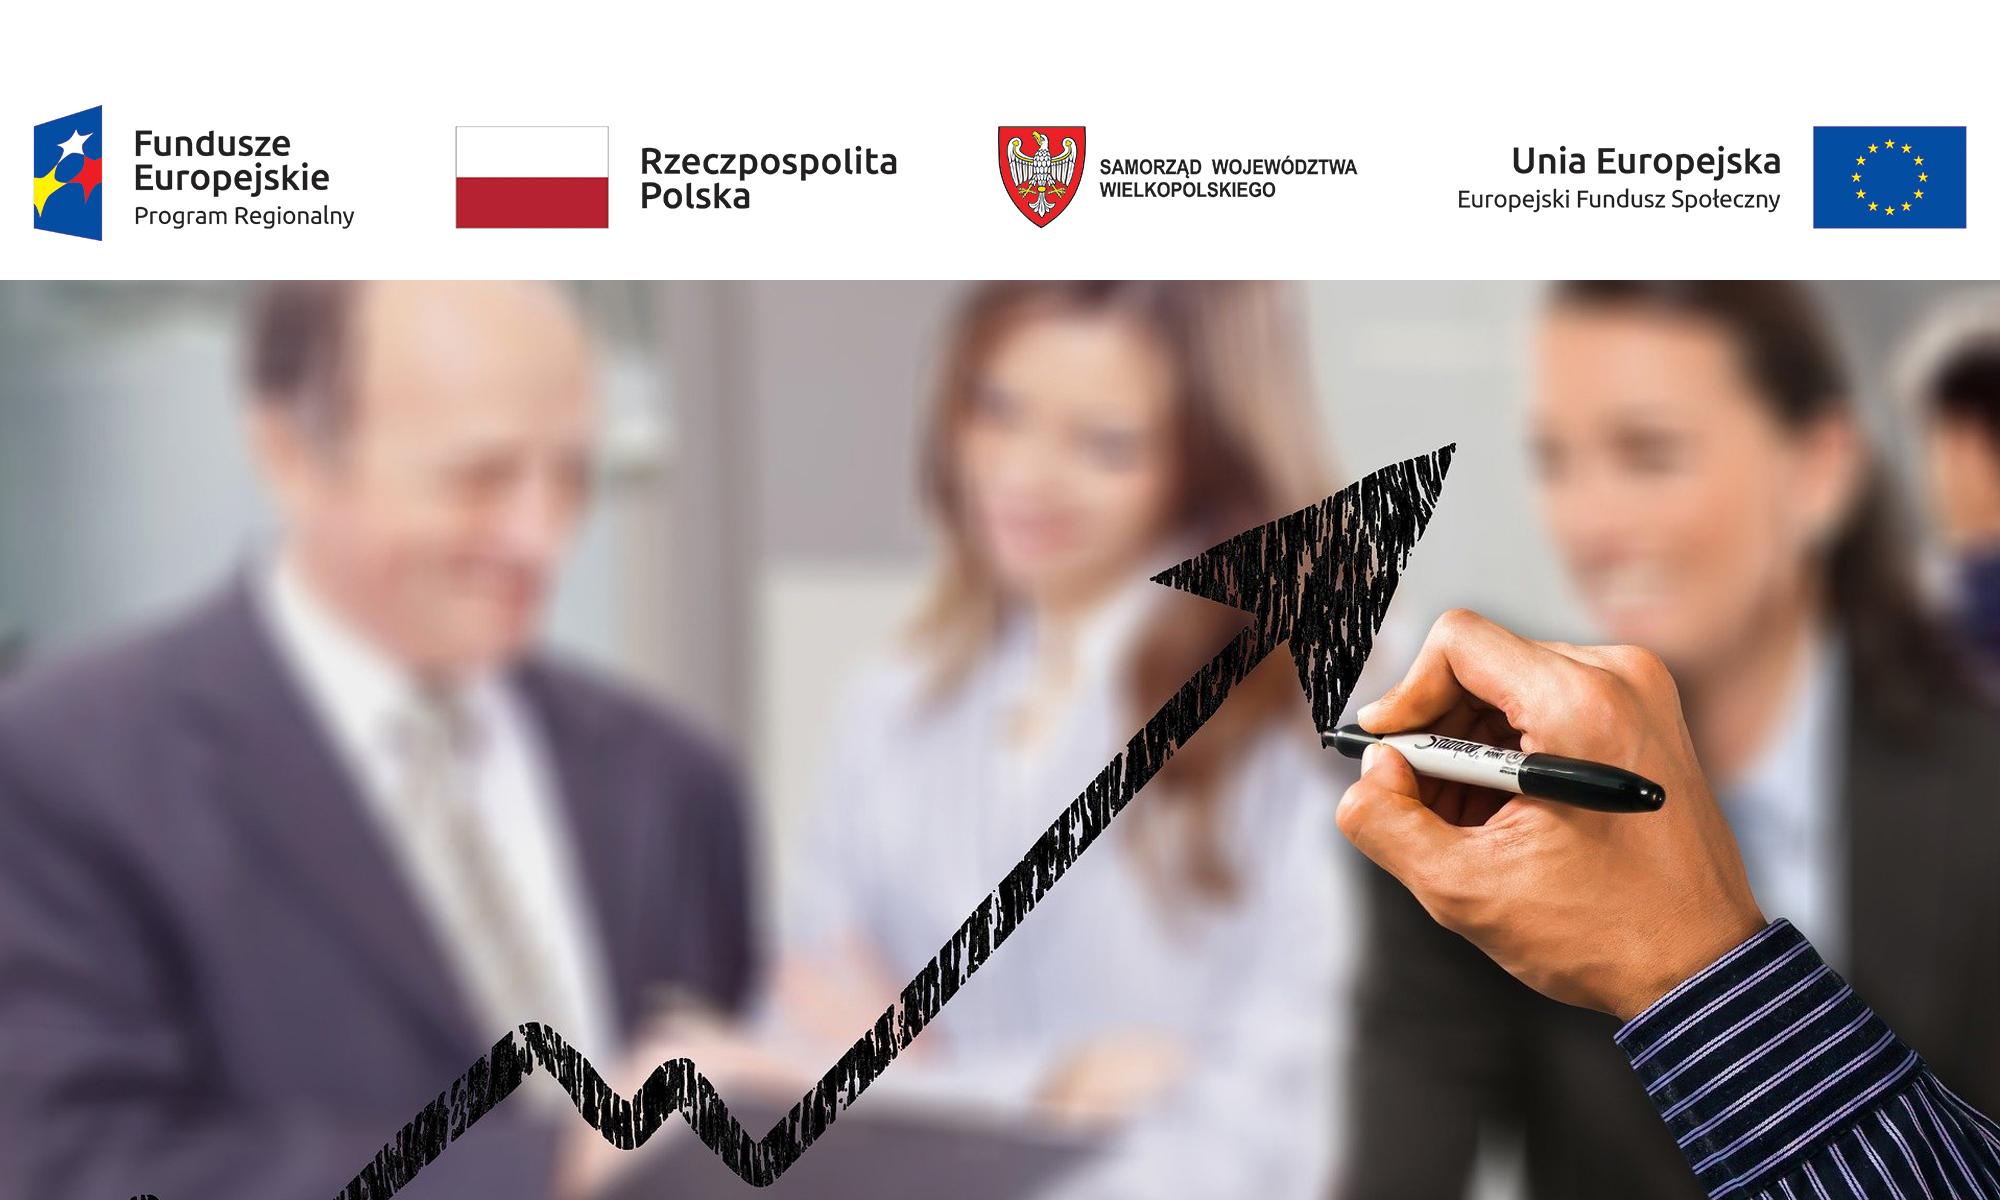 Zmiany w MŚP oraz wzrost kwalifikacji/kompetencji przedsiębiorców i pracowników z subregionu pilskiego